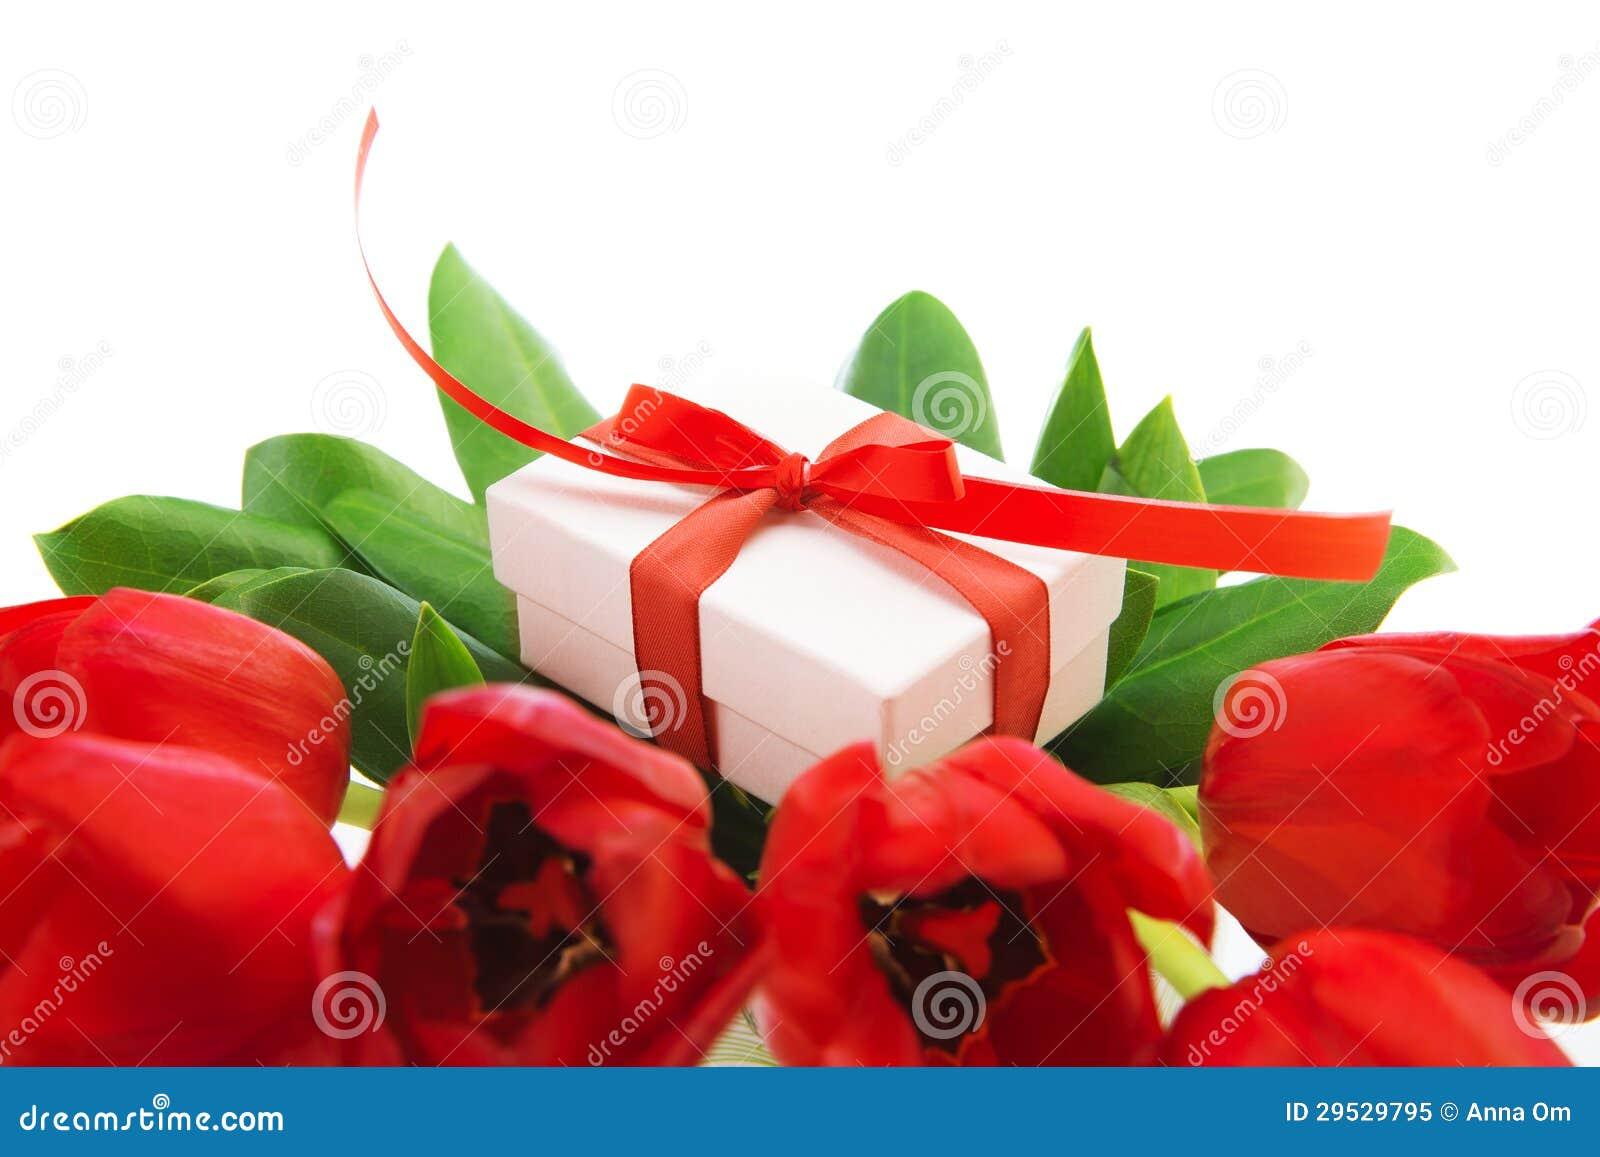 Tulipas vermelhas e caixa de presente branca